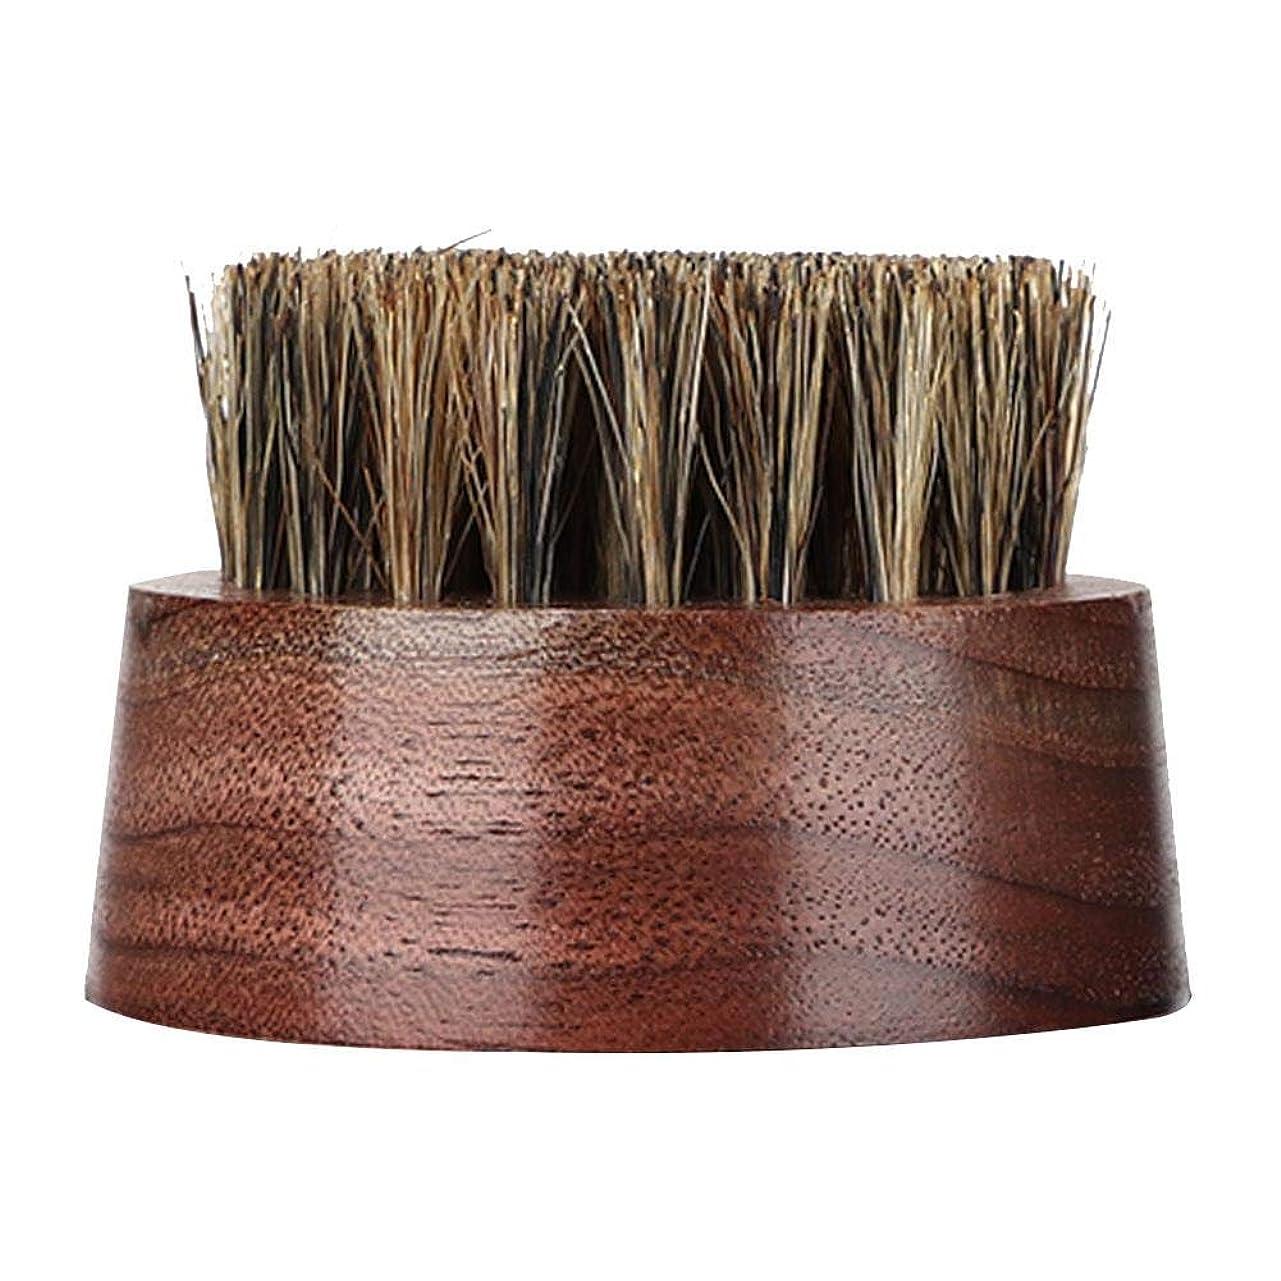 感情一時的再開ひげブラシ-プロの木製男性ラウンドくし